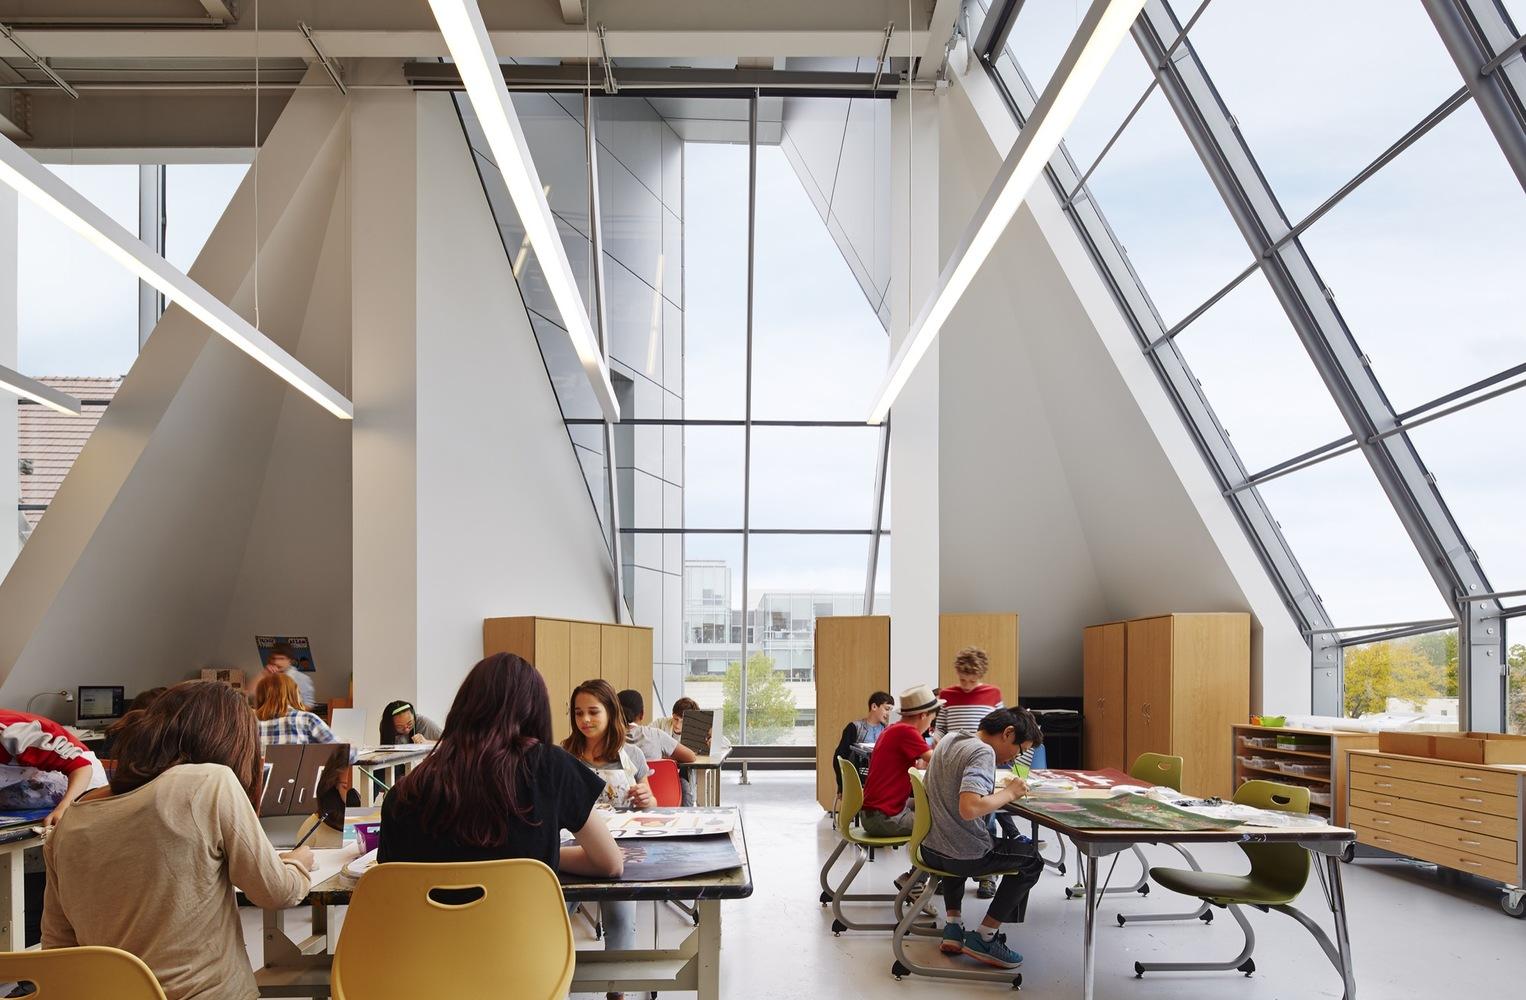 چطور لامپ LED را برای نورپردازی کلاس درس را انتخاب کنیم؟